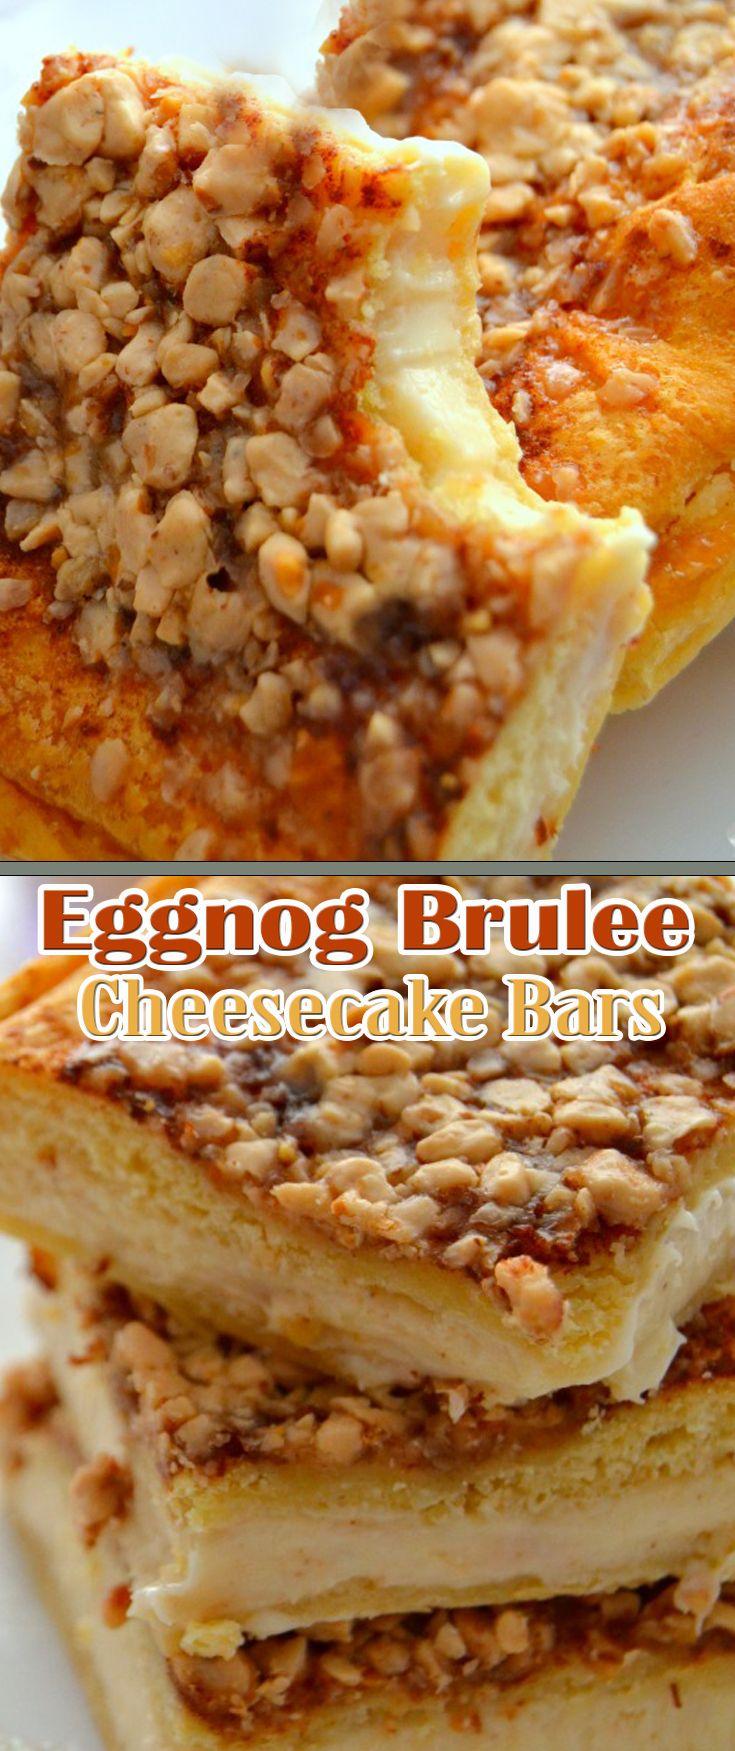 Eggnog Brulee Cheesecake Bars